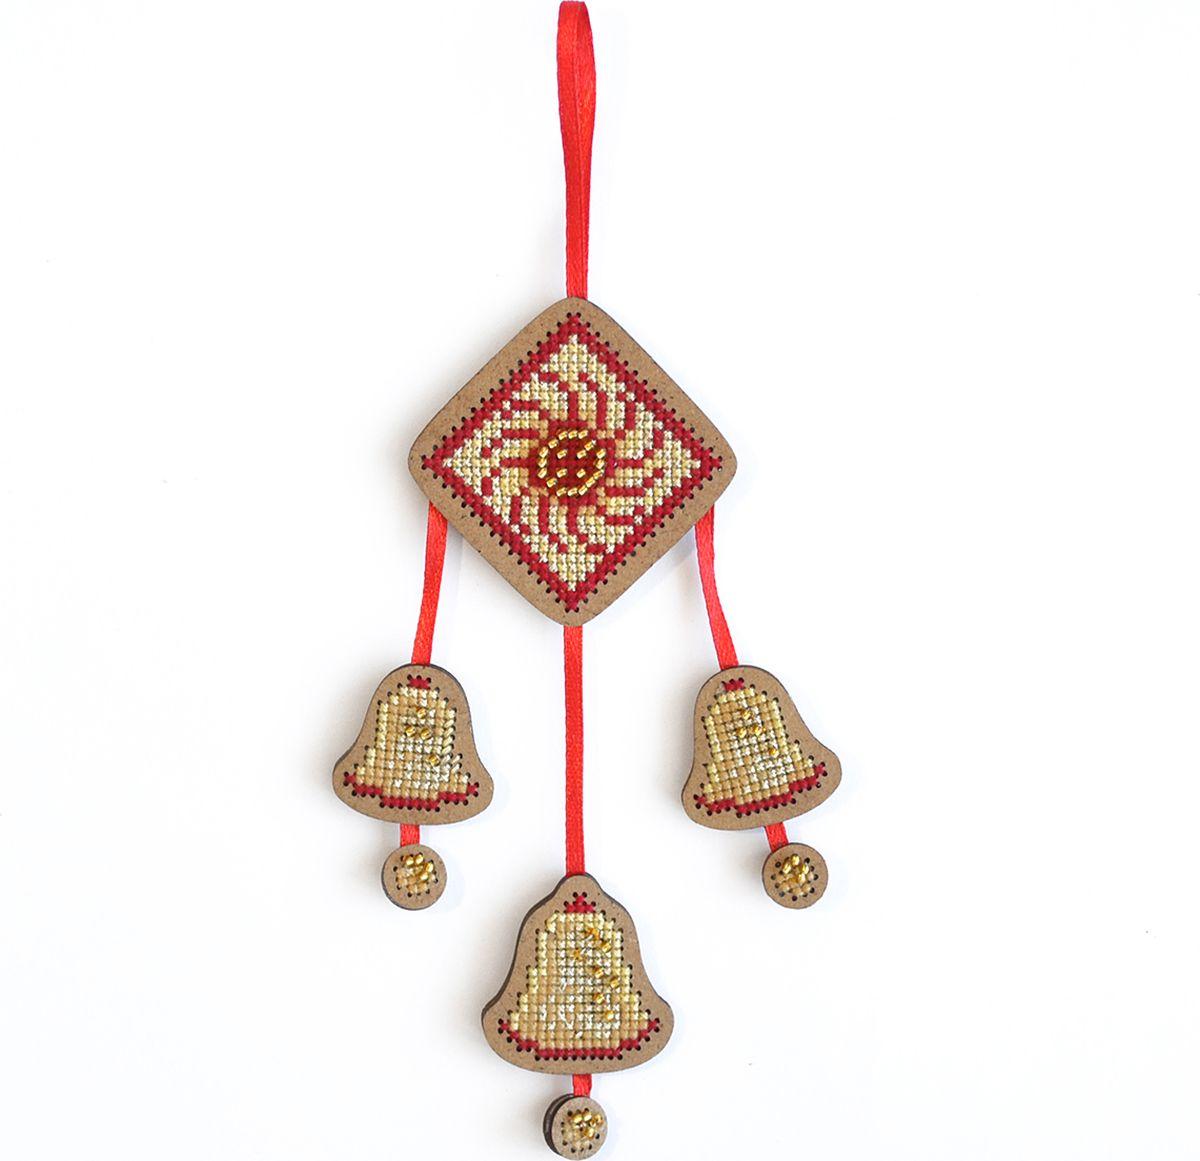 Набор для вышивания крестом Созвездие От злых сил. Колокольчики, 12 х 8 см набор для вышивания крестом друзья навсегда 11 см х 8 см